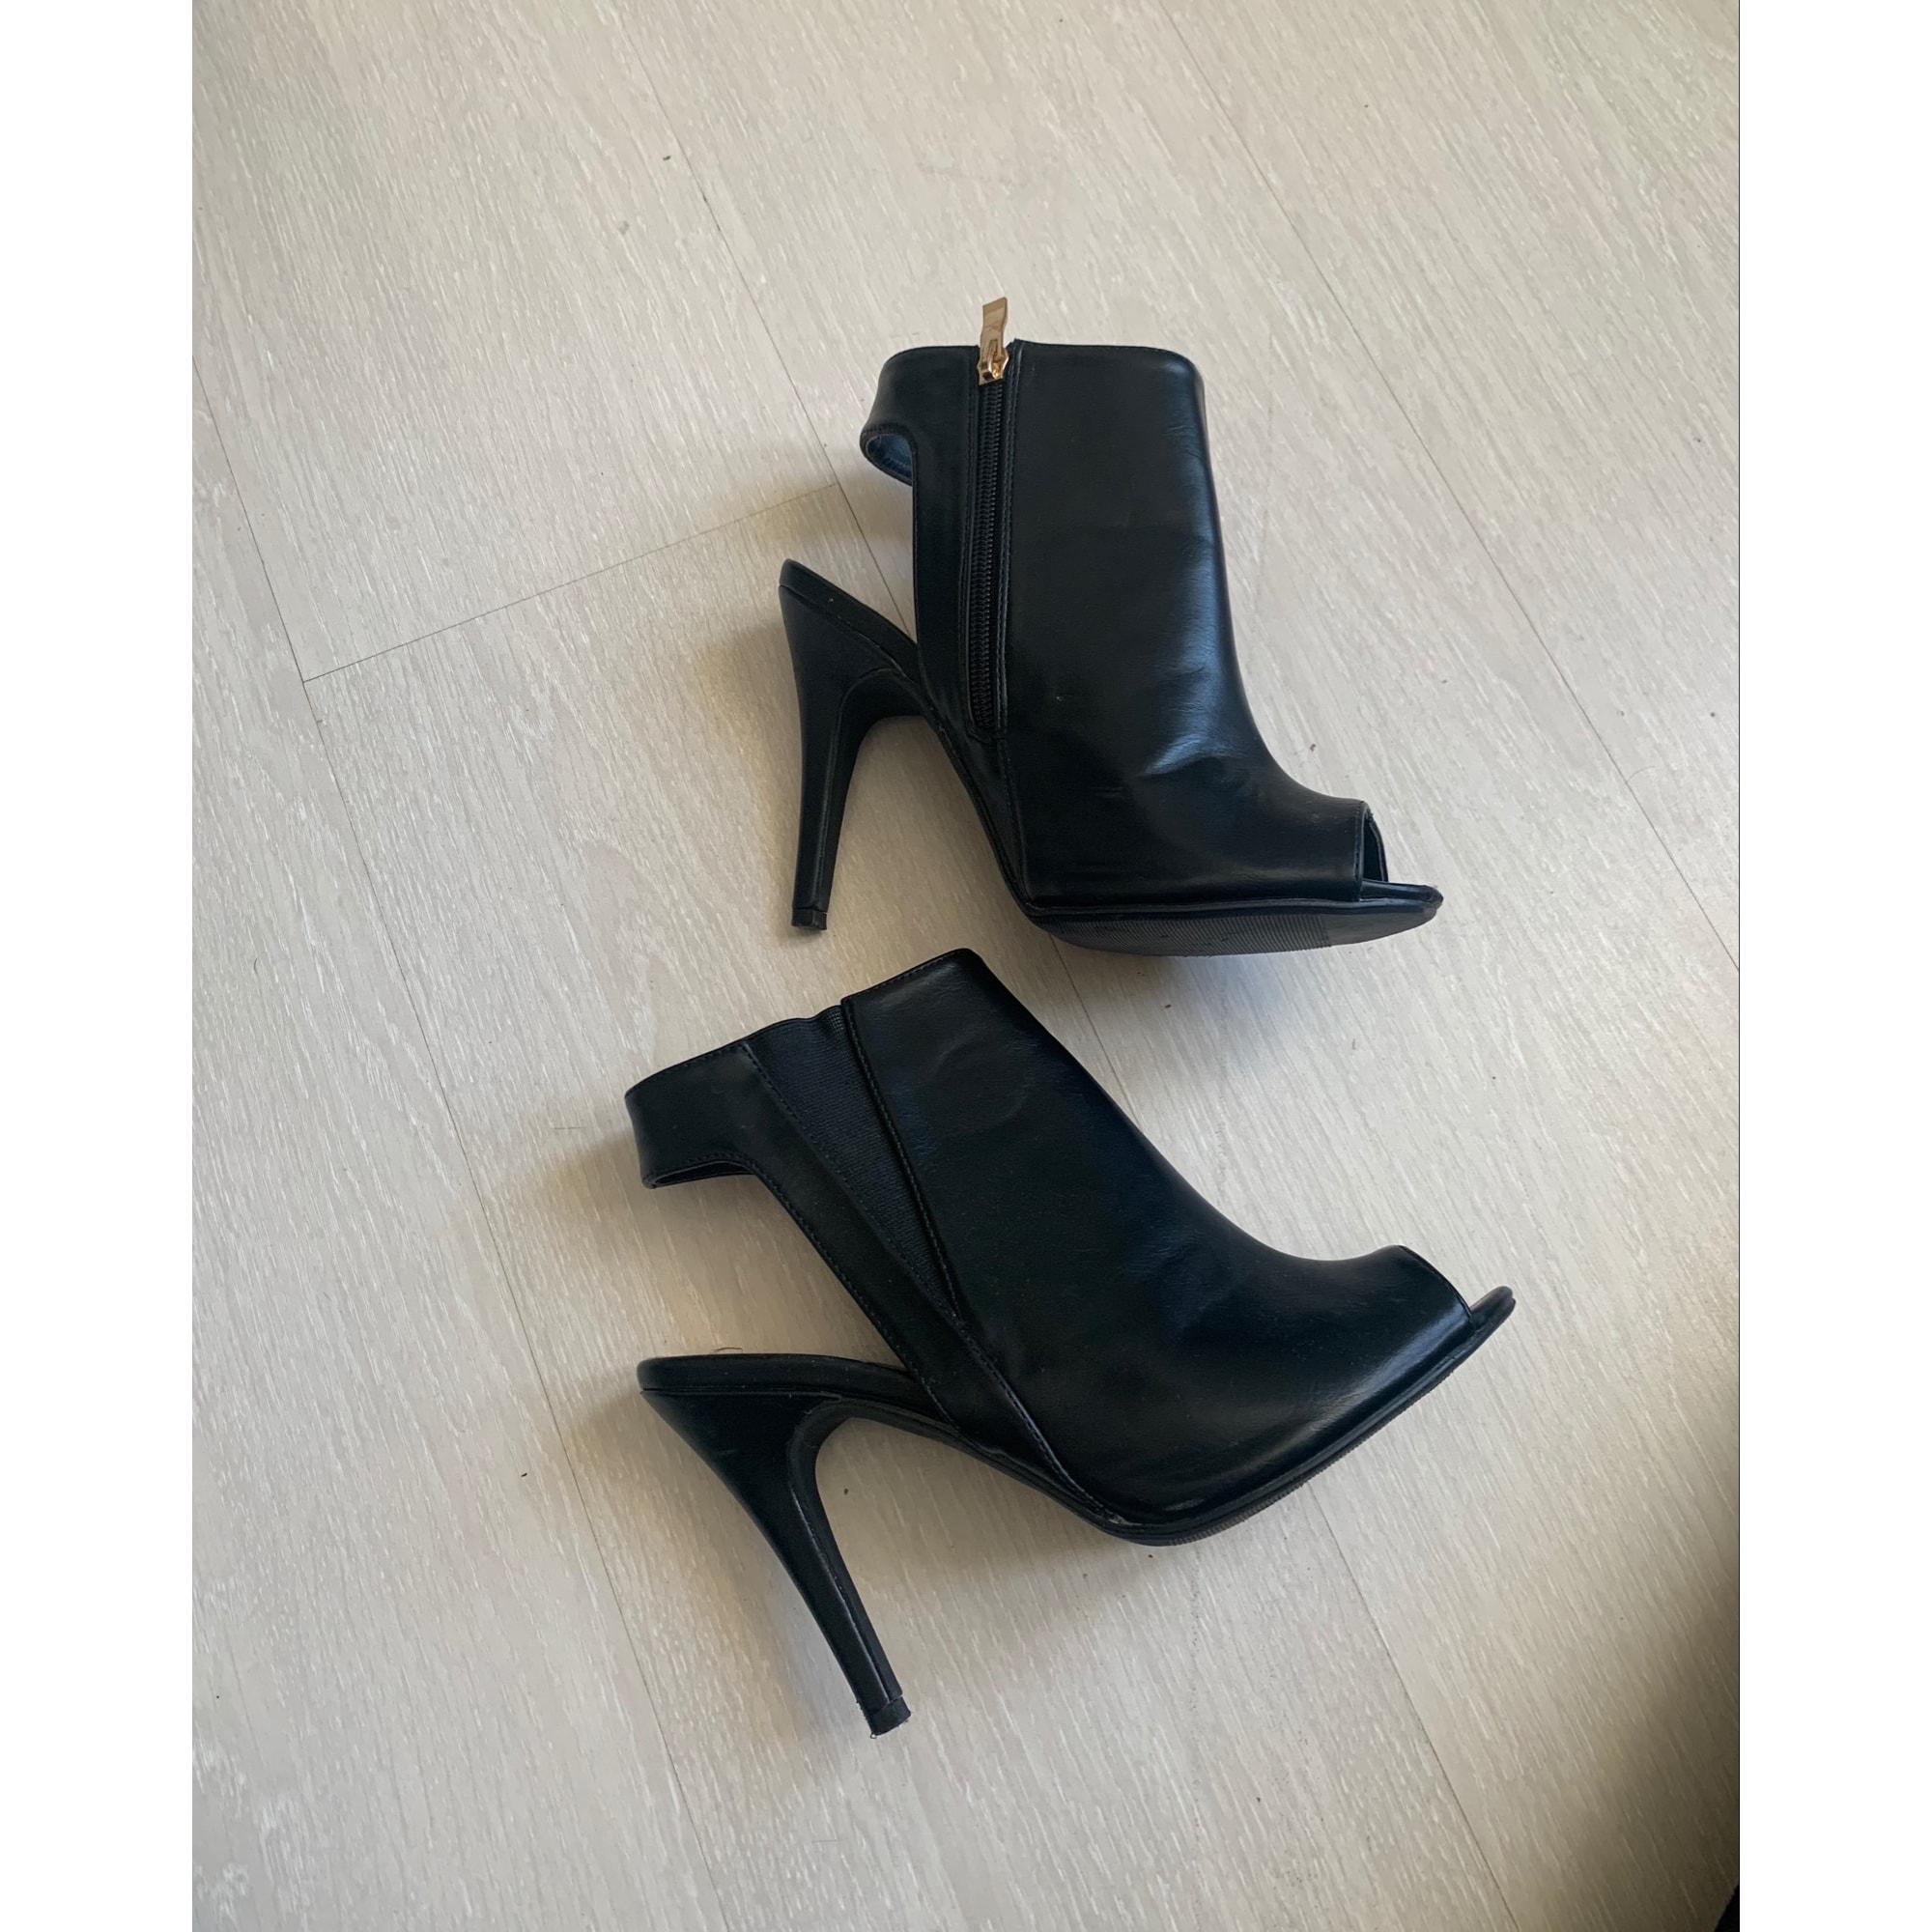 Sandales à talons MARQUE INCONNUE Noir